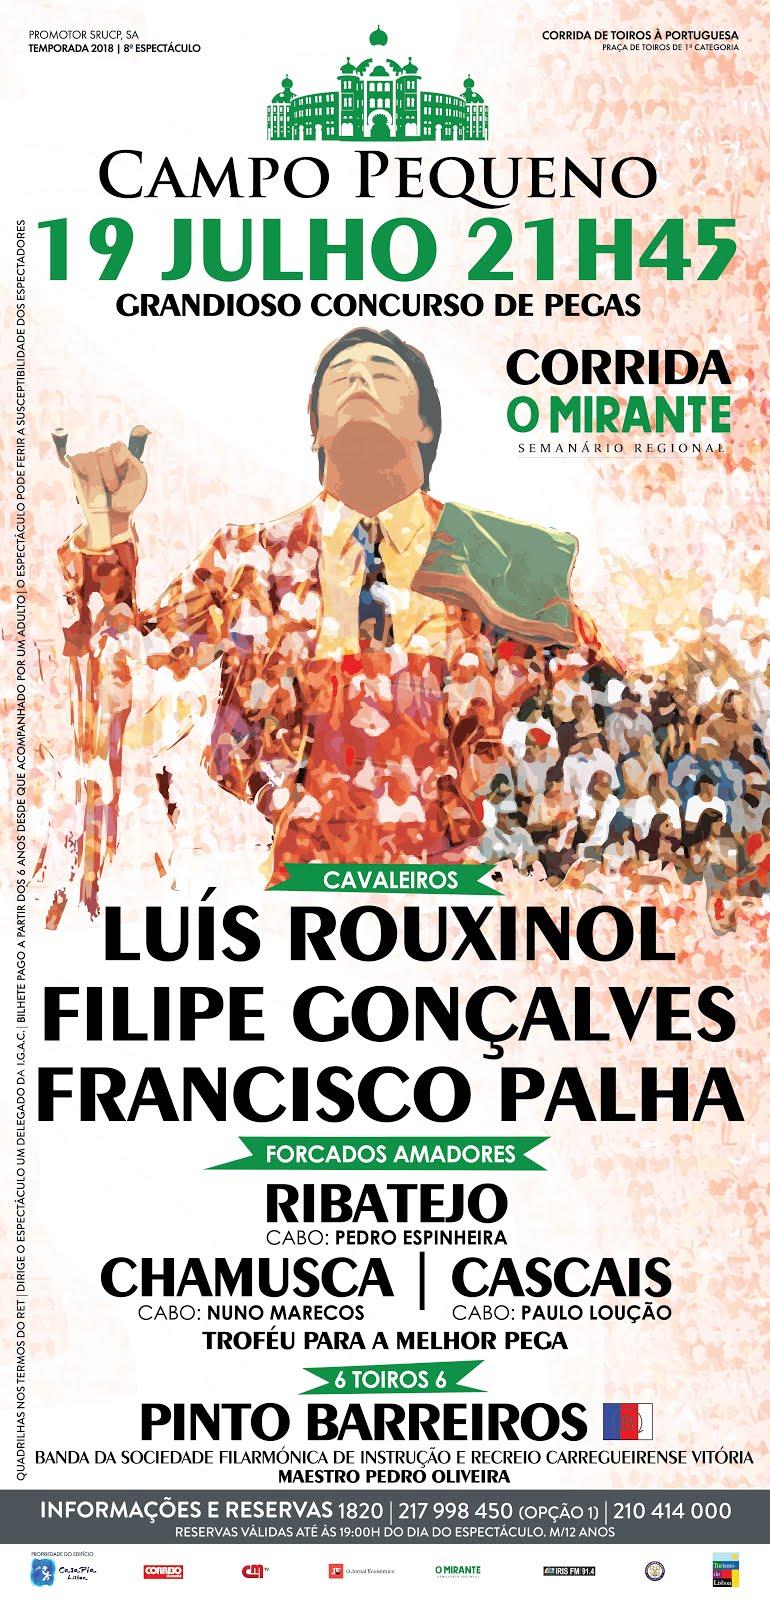 Lisboa - 19 de Julho